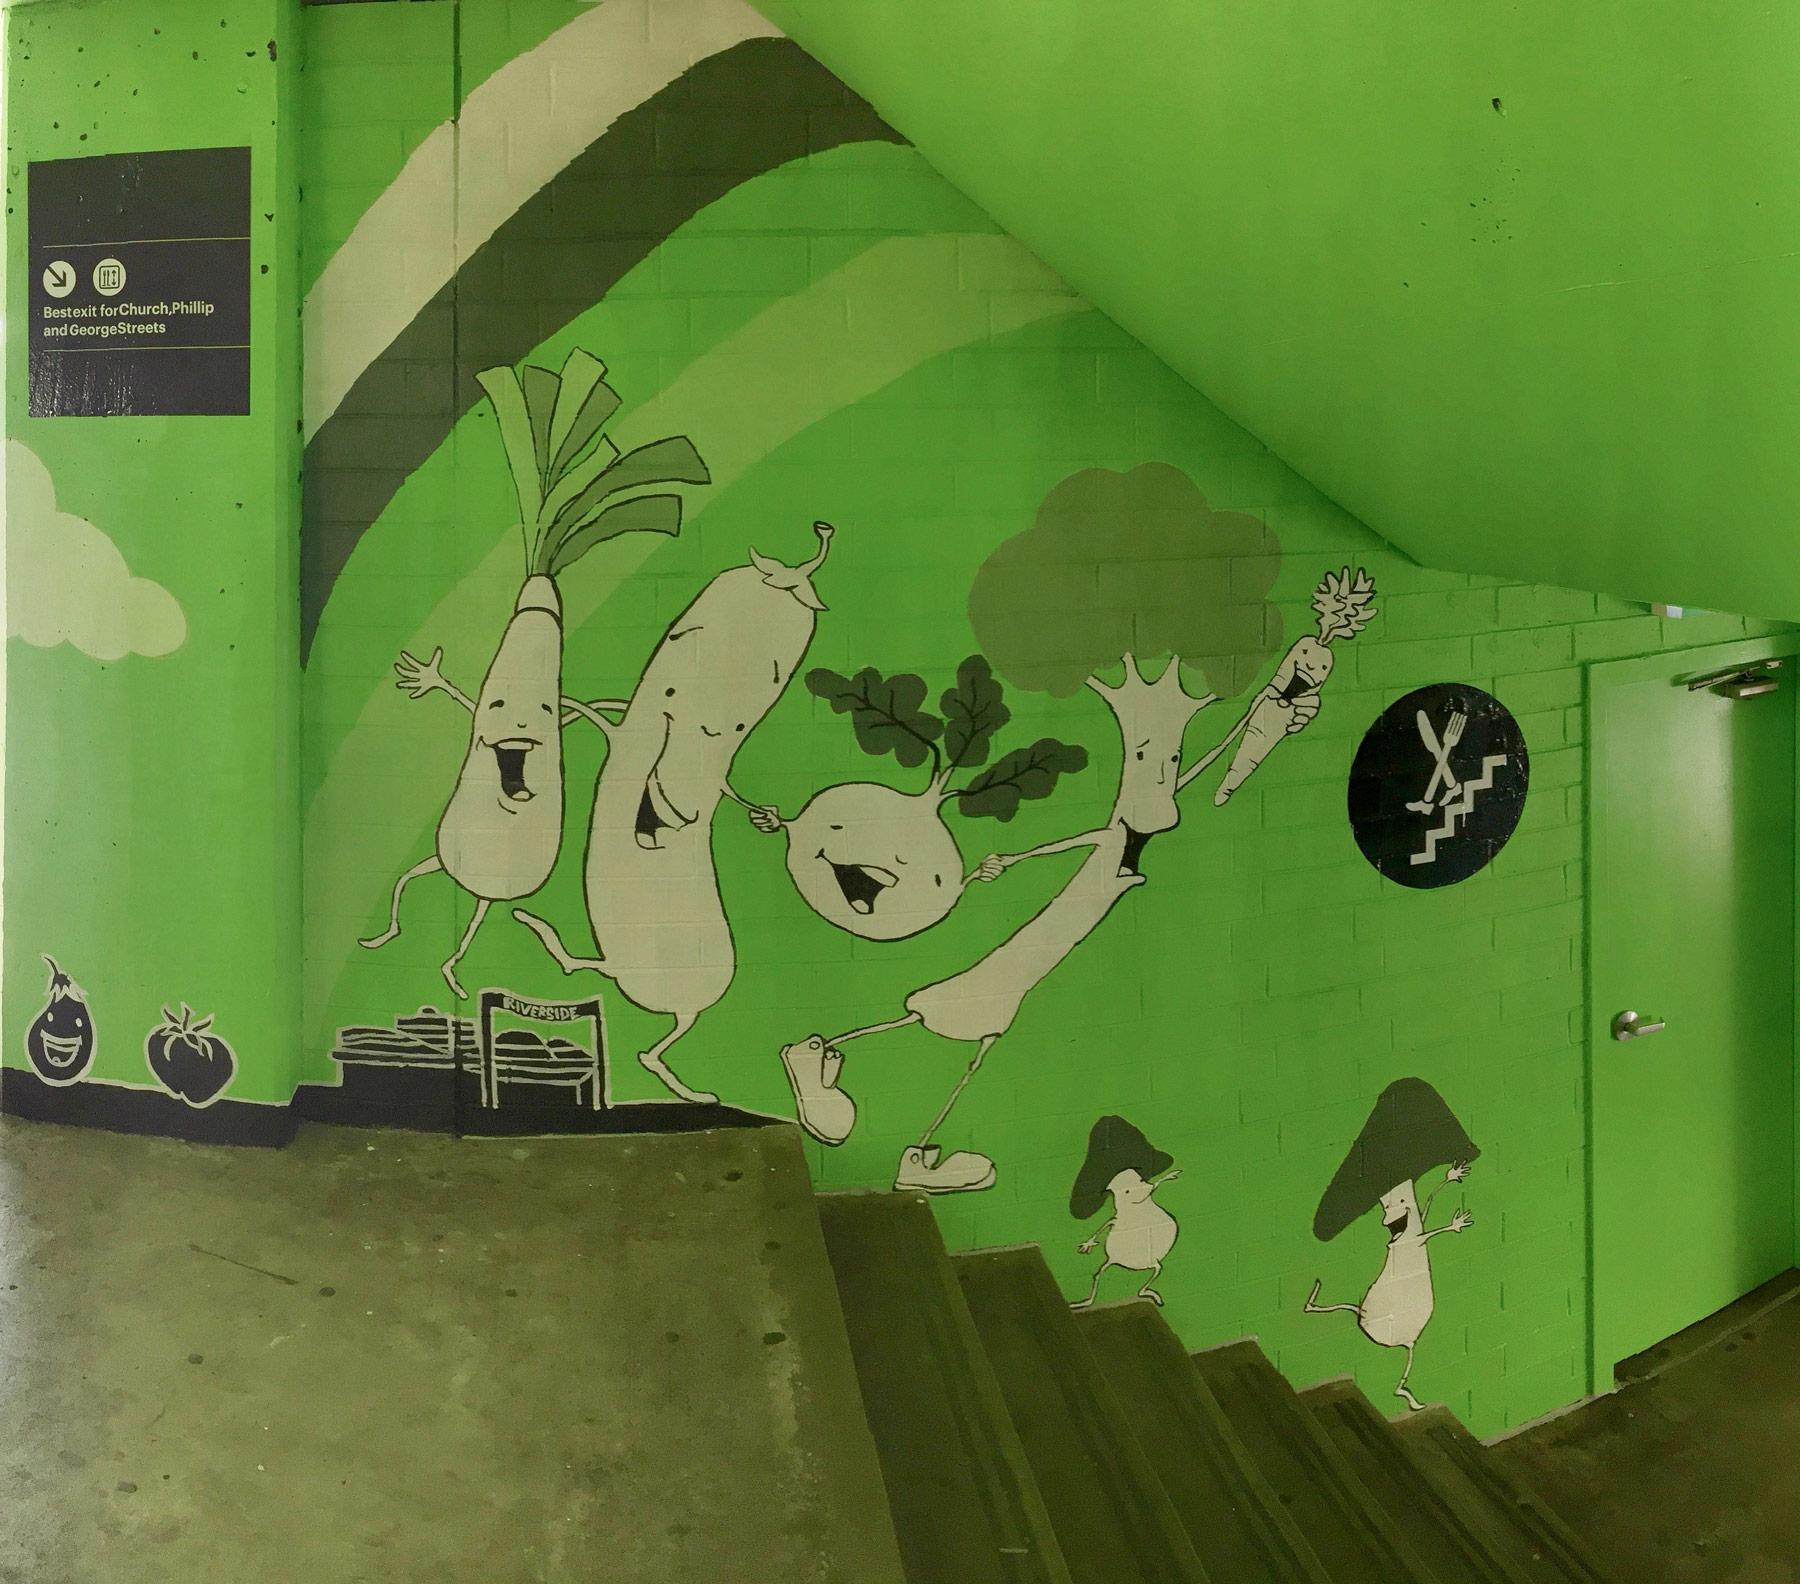 the-art-of-wall-eat-st-car-park-murals-3